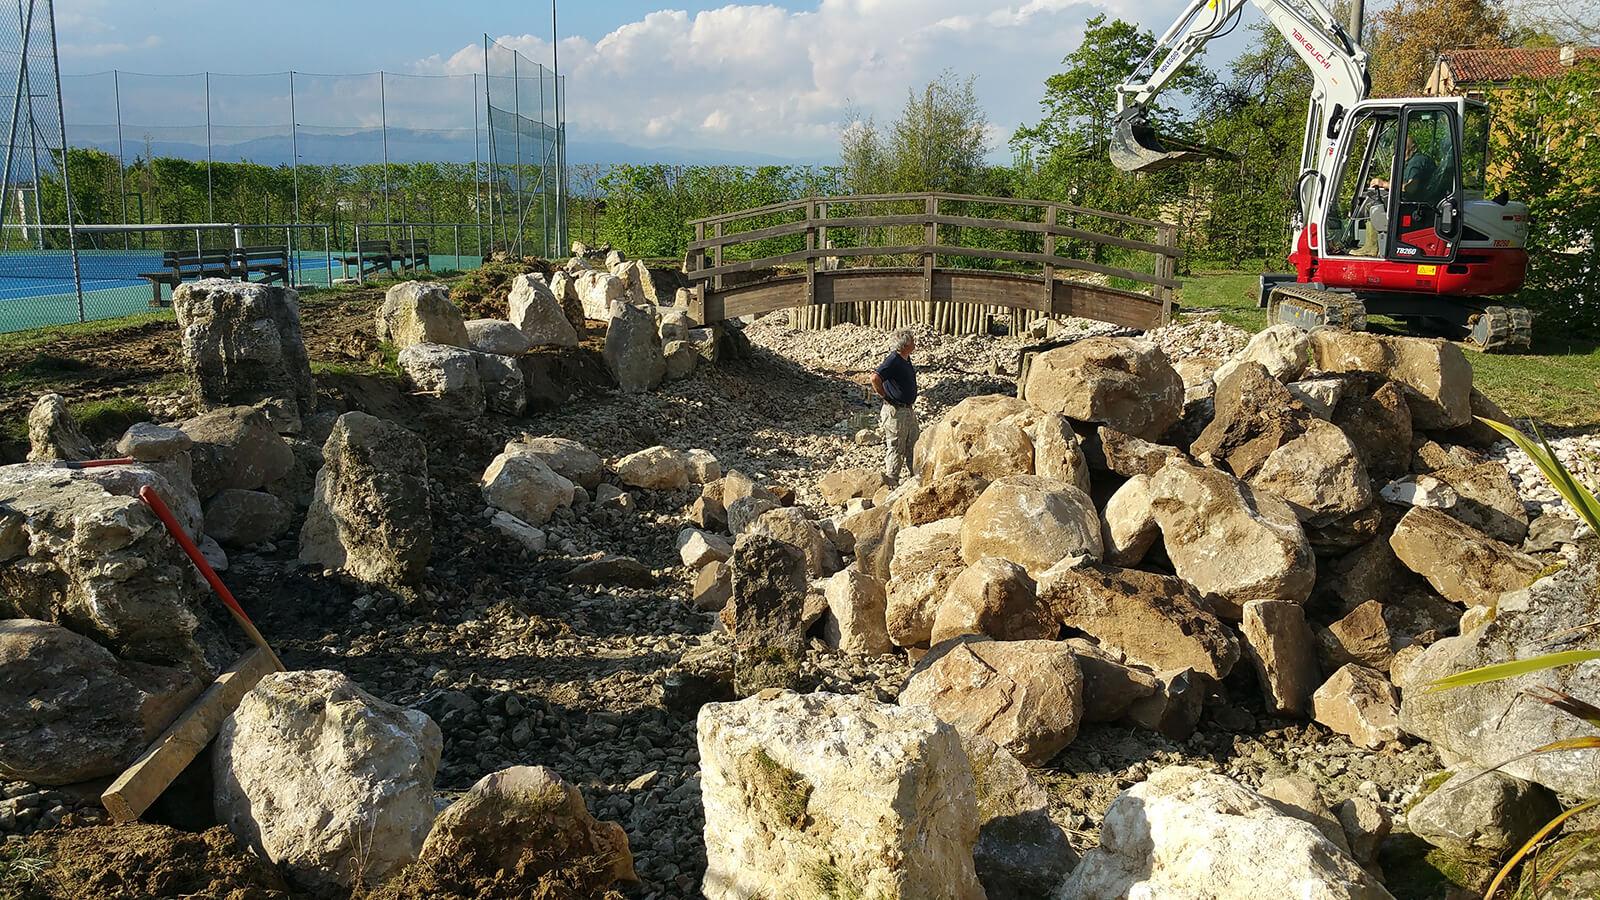 progettazione realizzazione giardini monticello conte otto - verde blu giardini 13